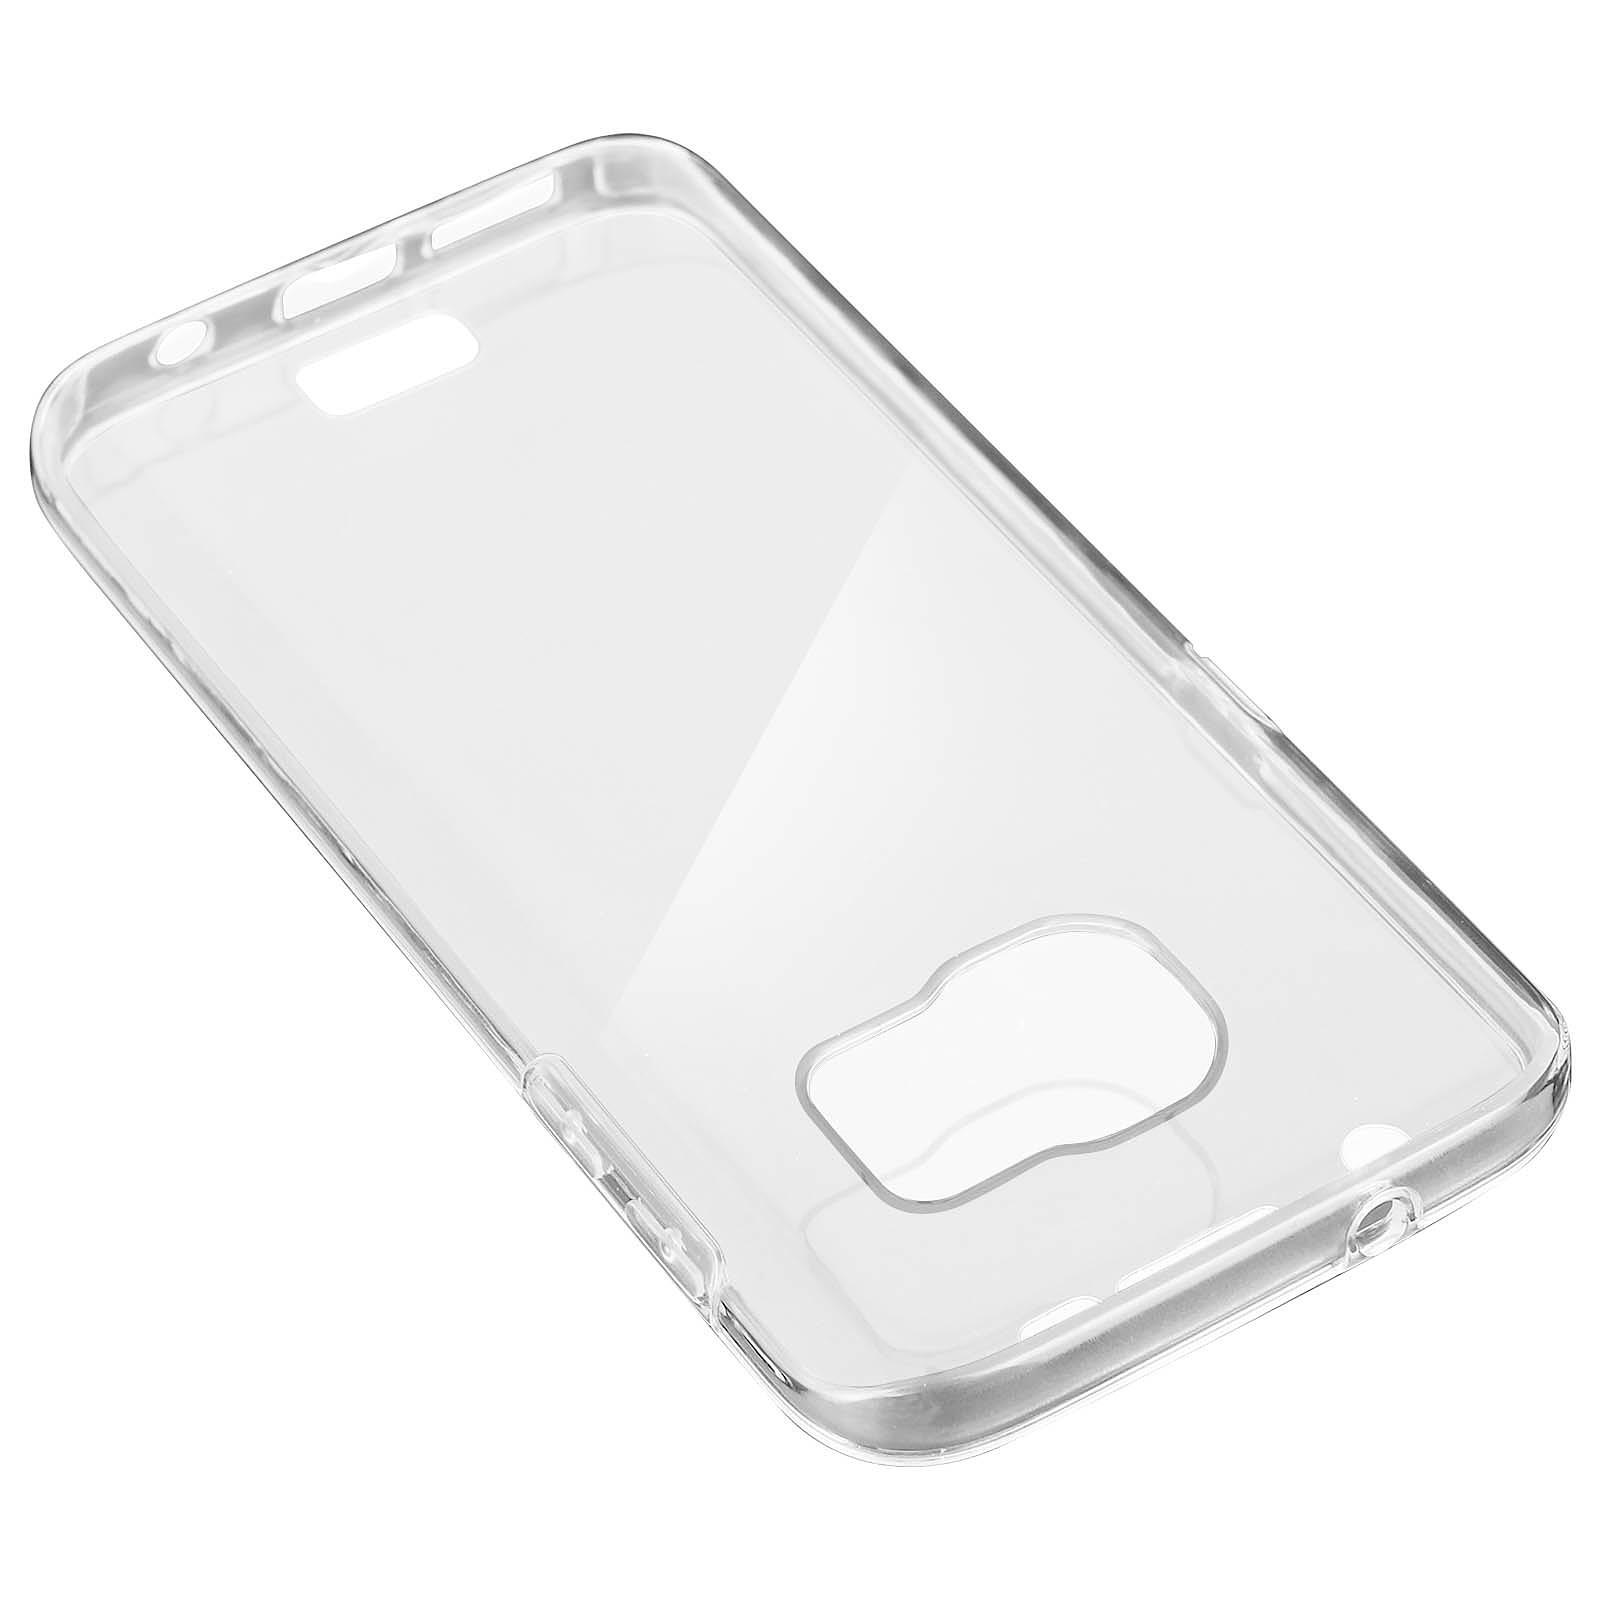 Avizar Coque Transparent pour Samsung Galaxy S7